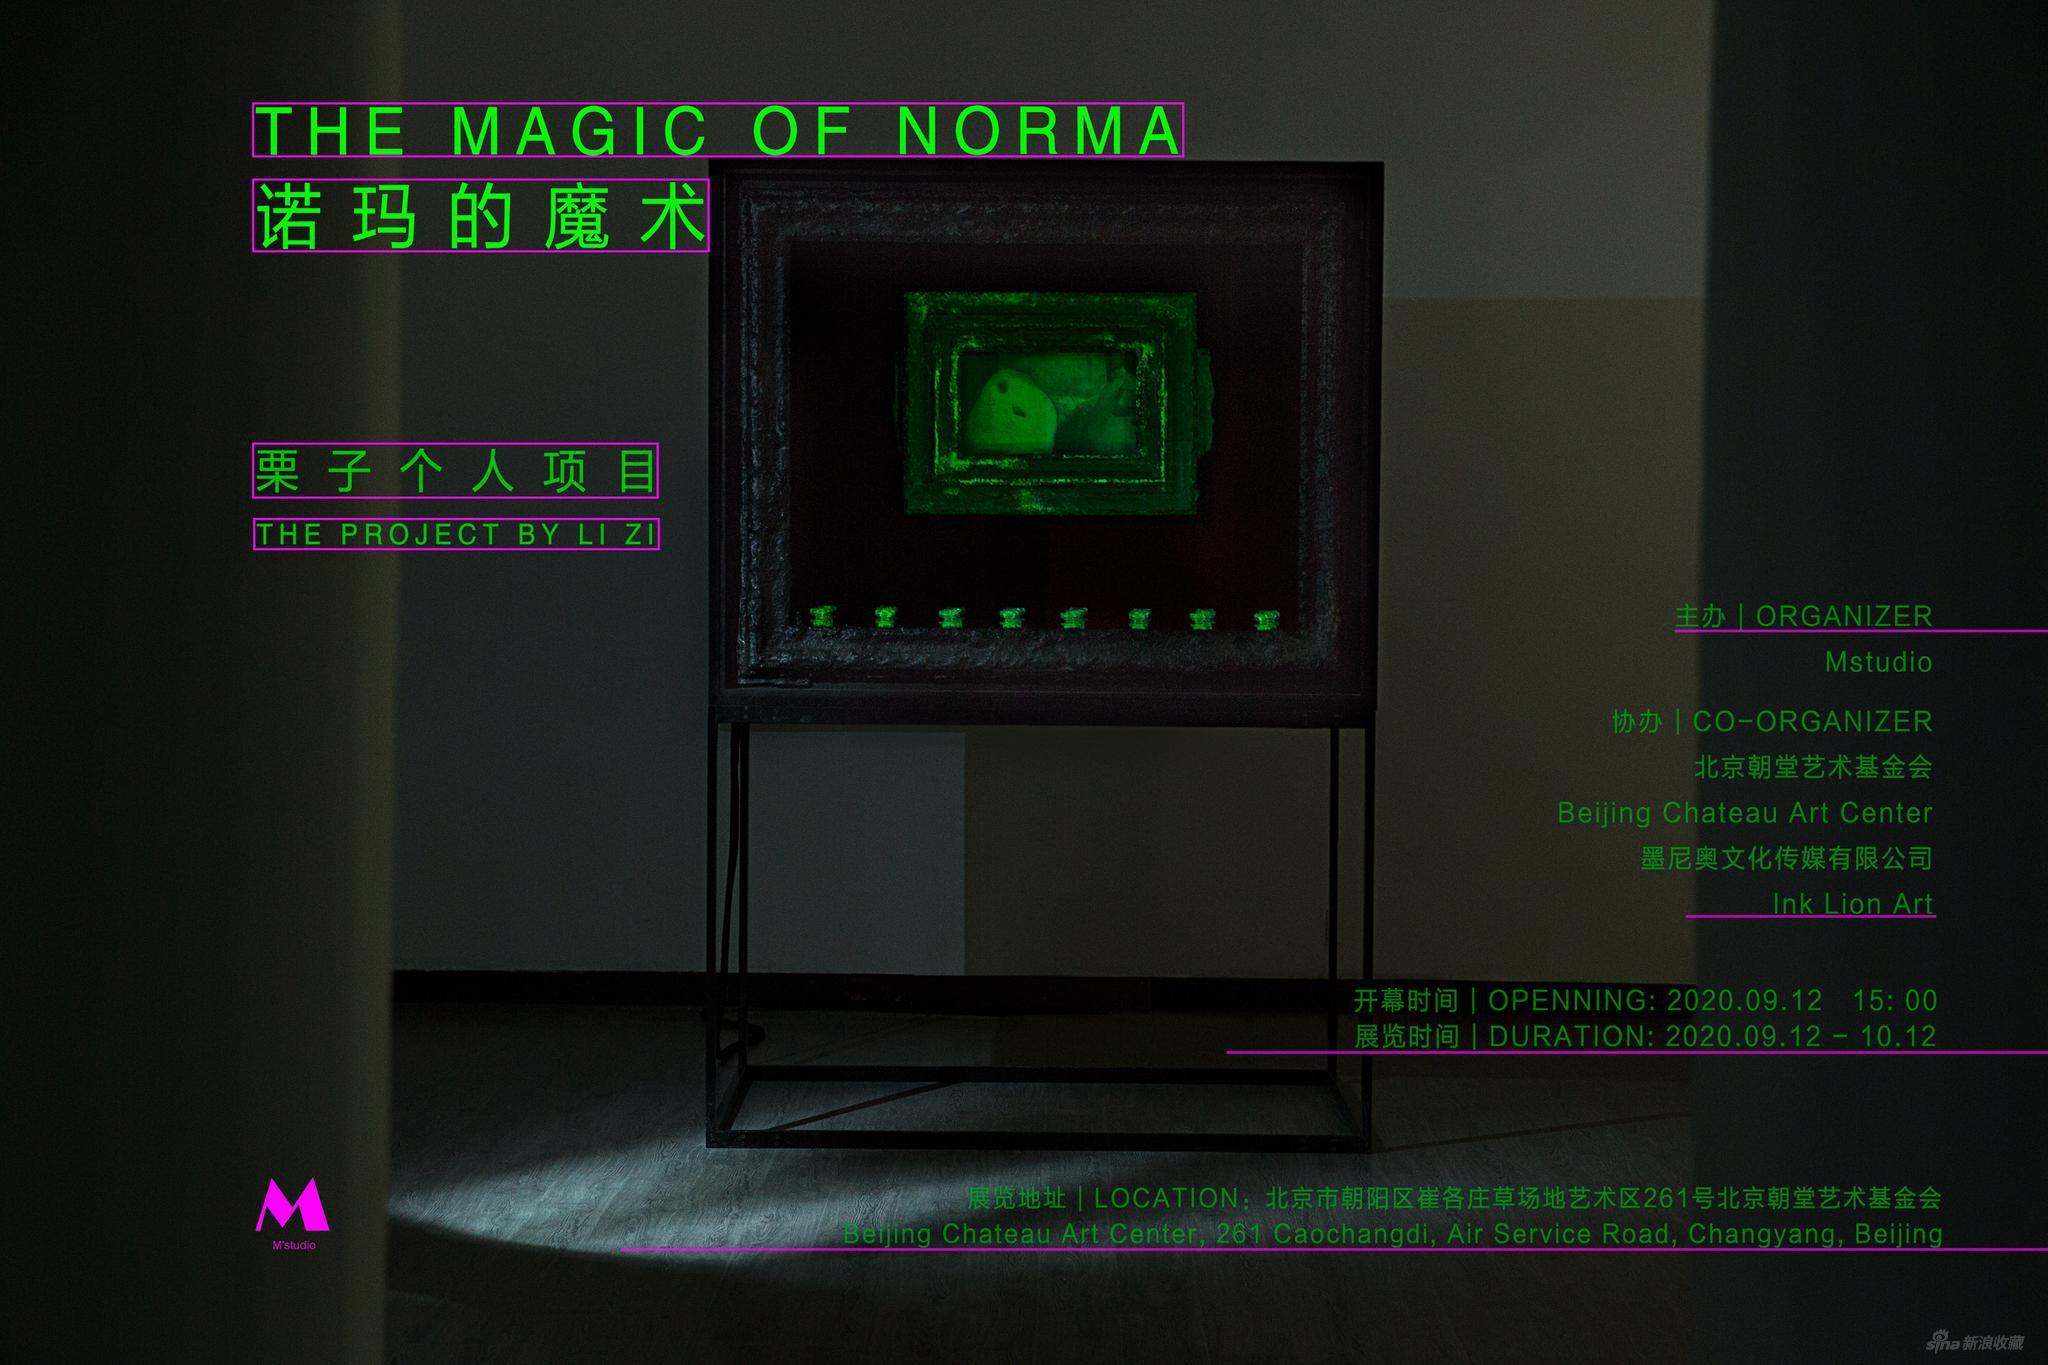 展覽推薦 | 栗子個人項目 諾瑪的魔術